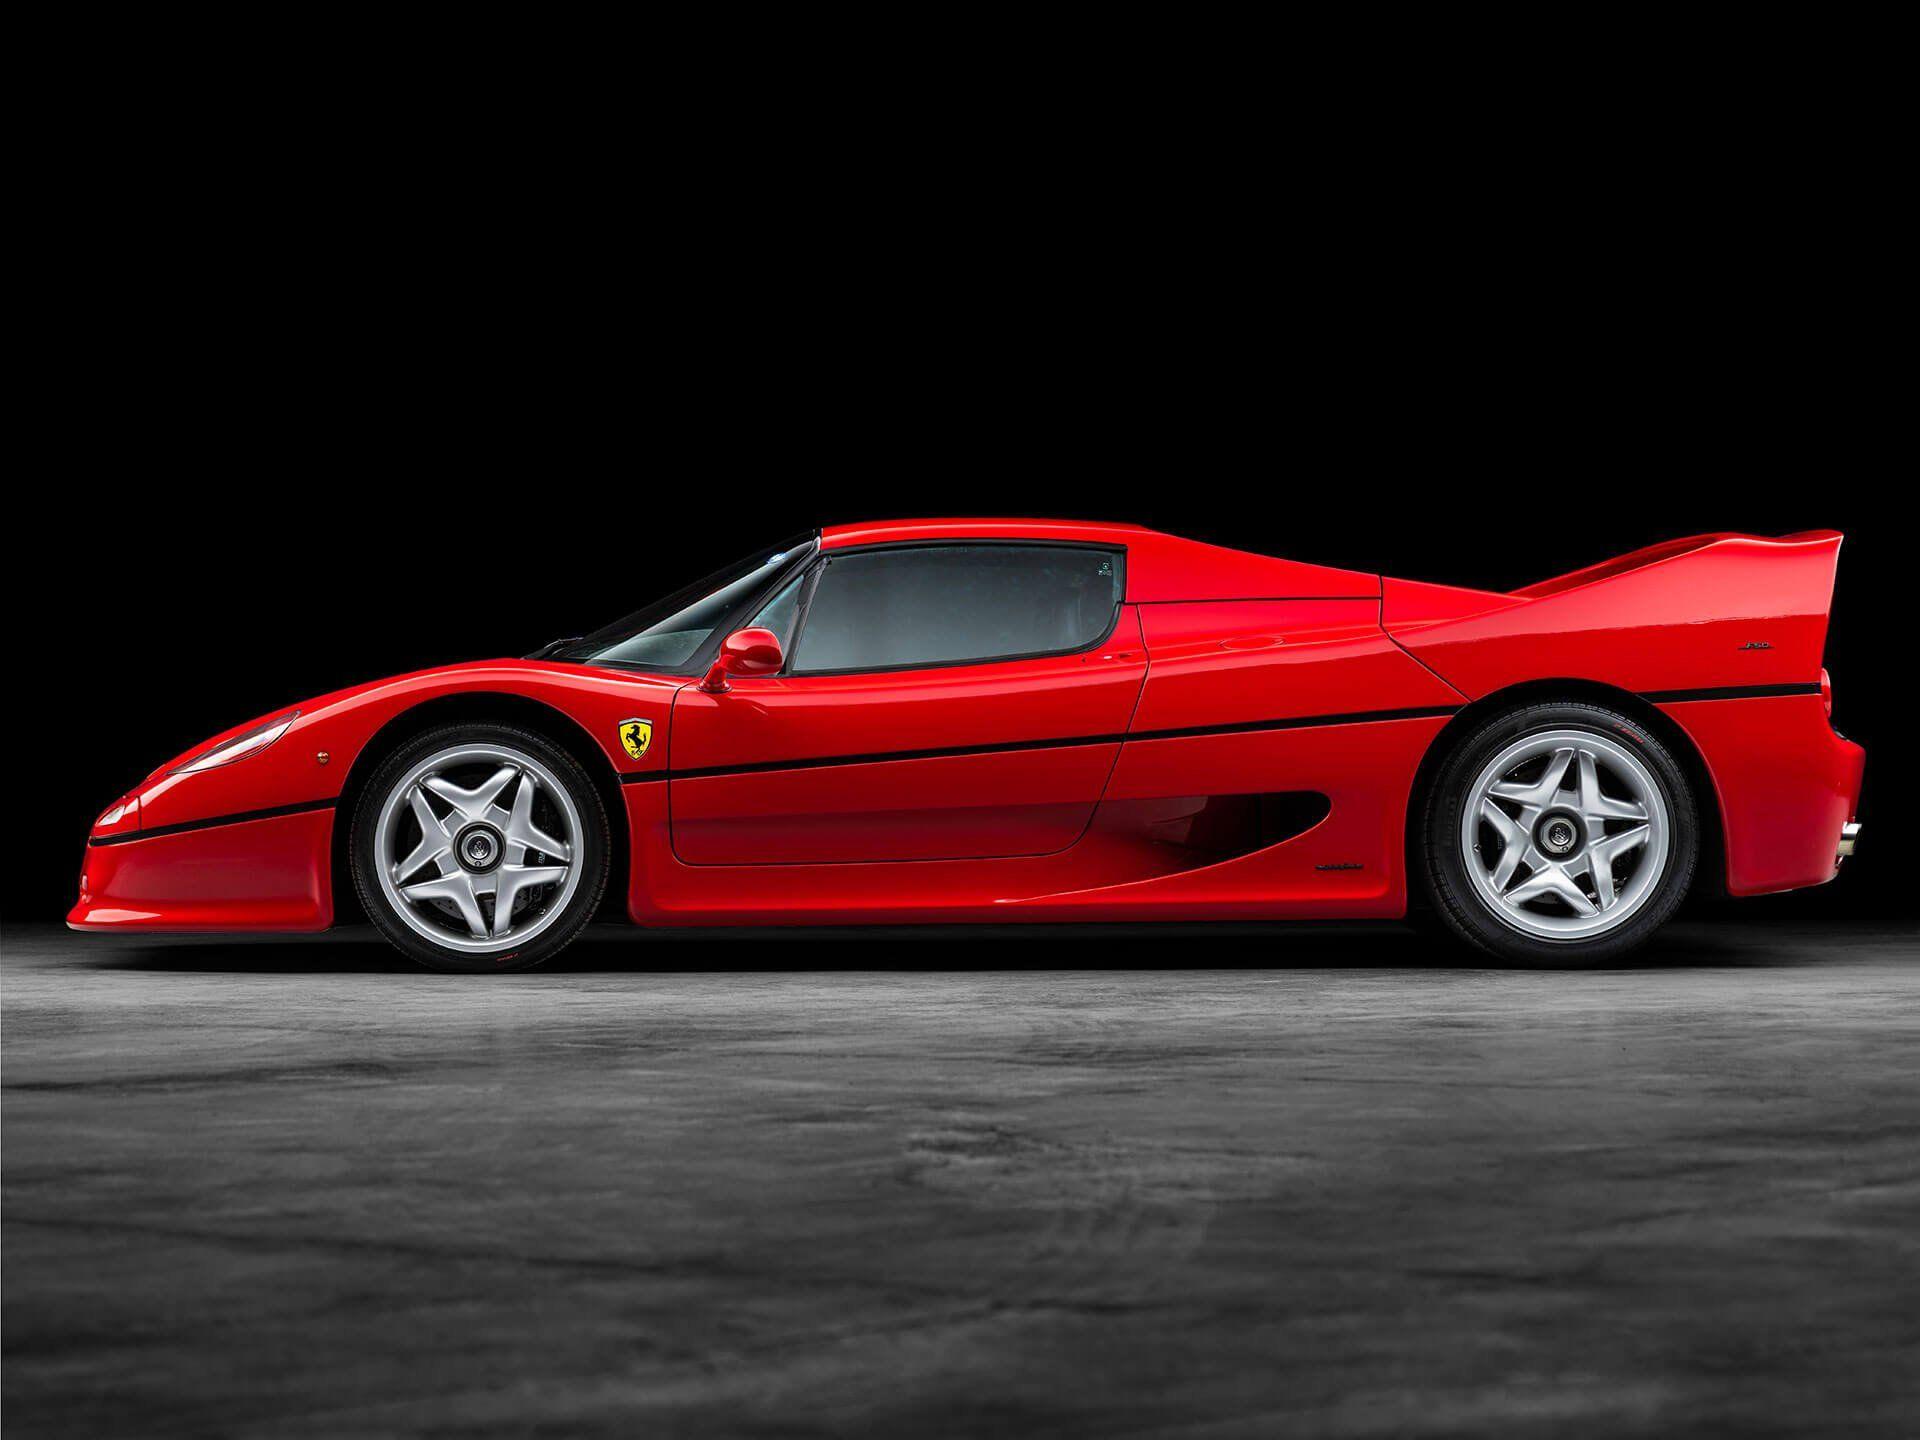 1995 Ferrari F50 Ferrari Carros Editor De Video